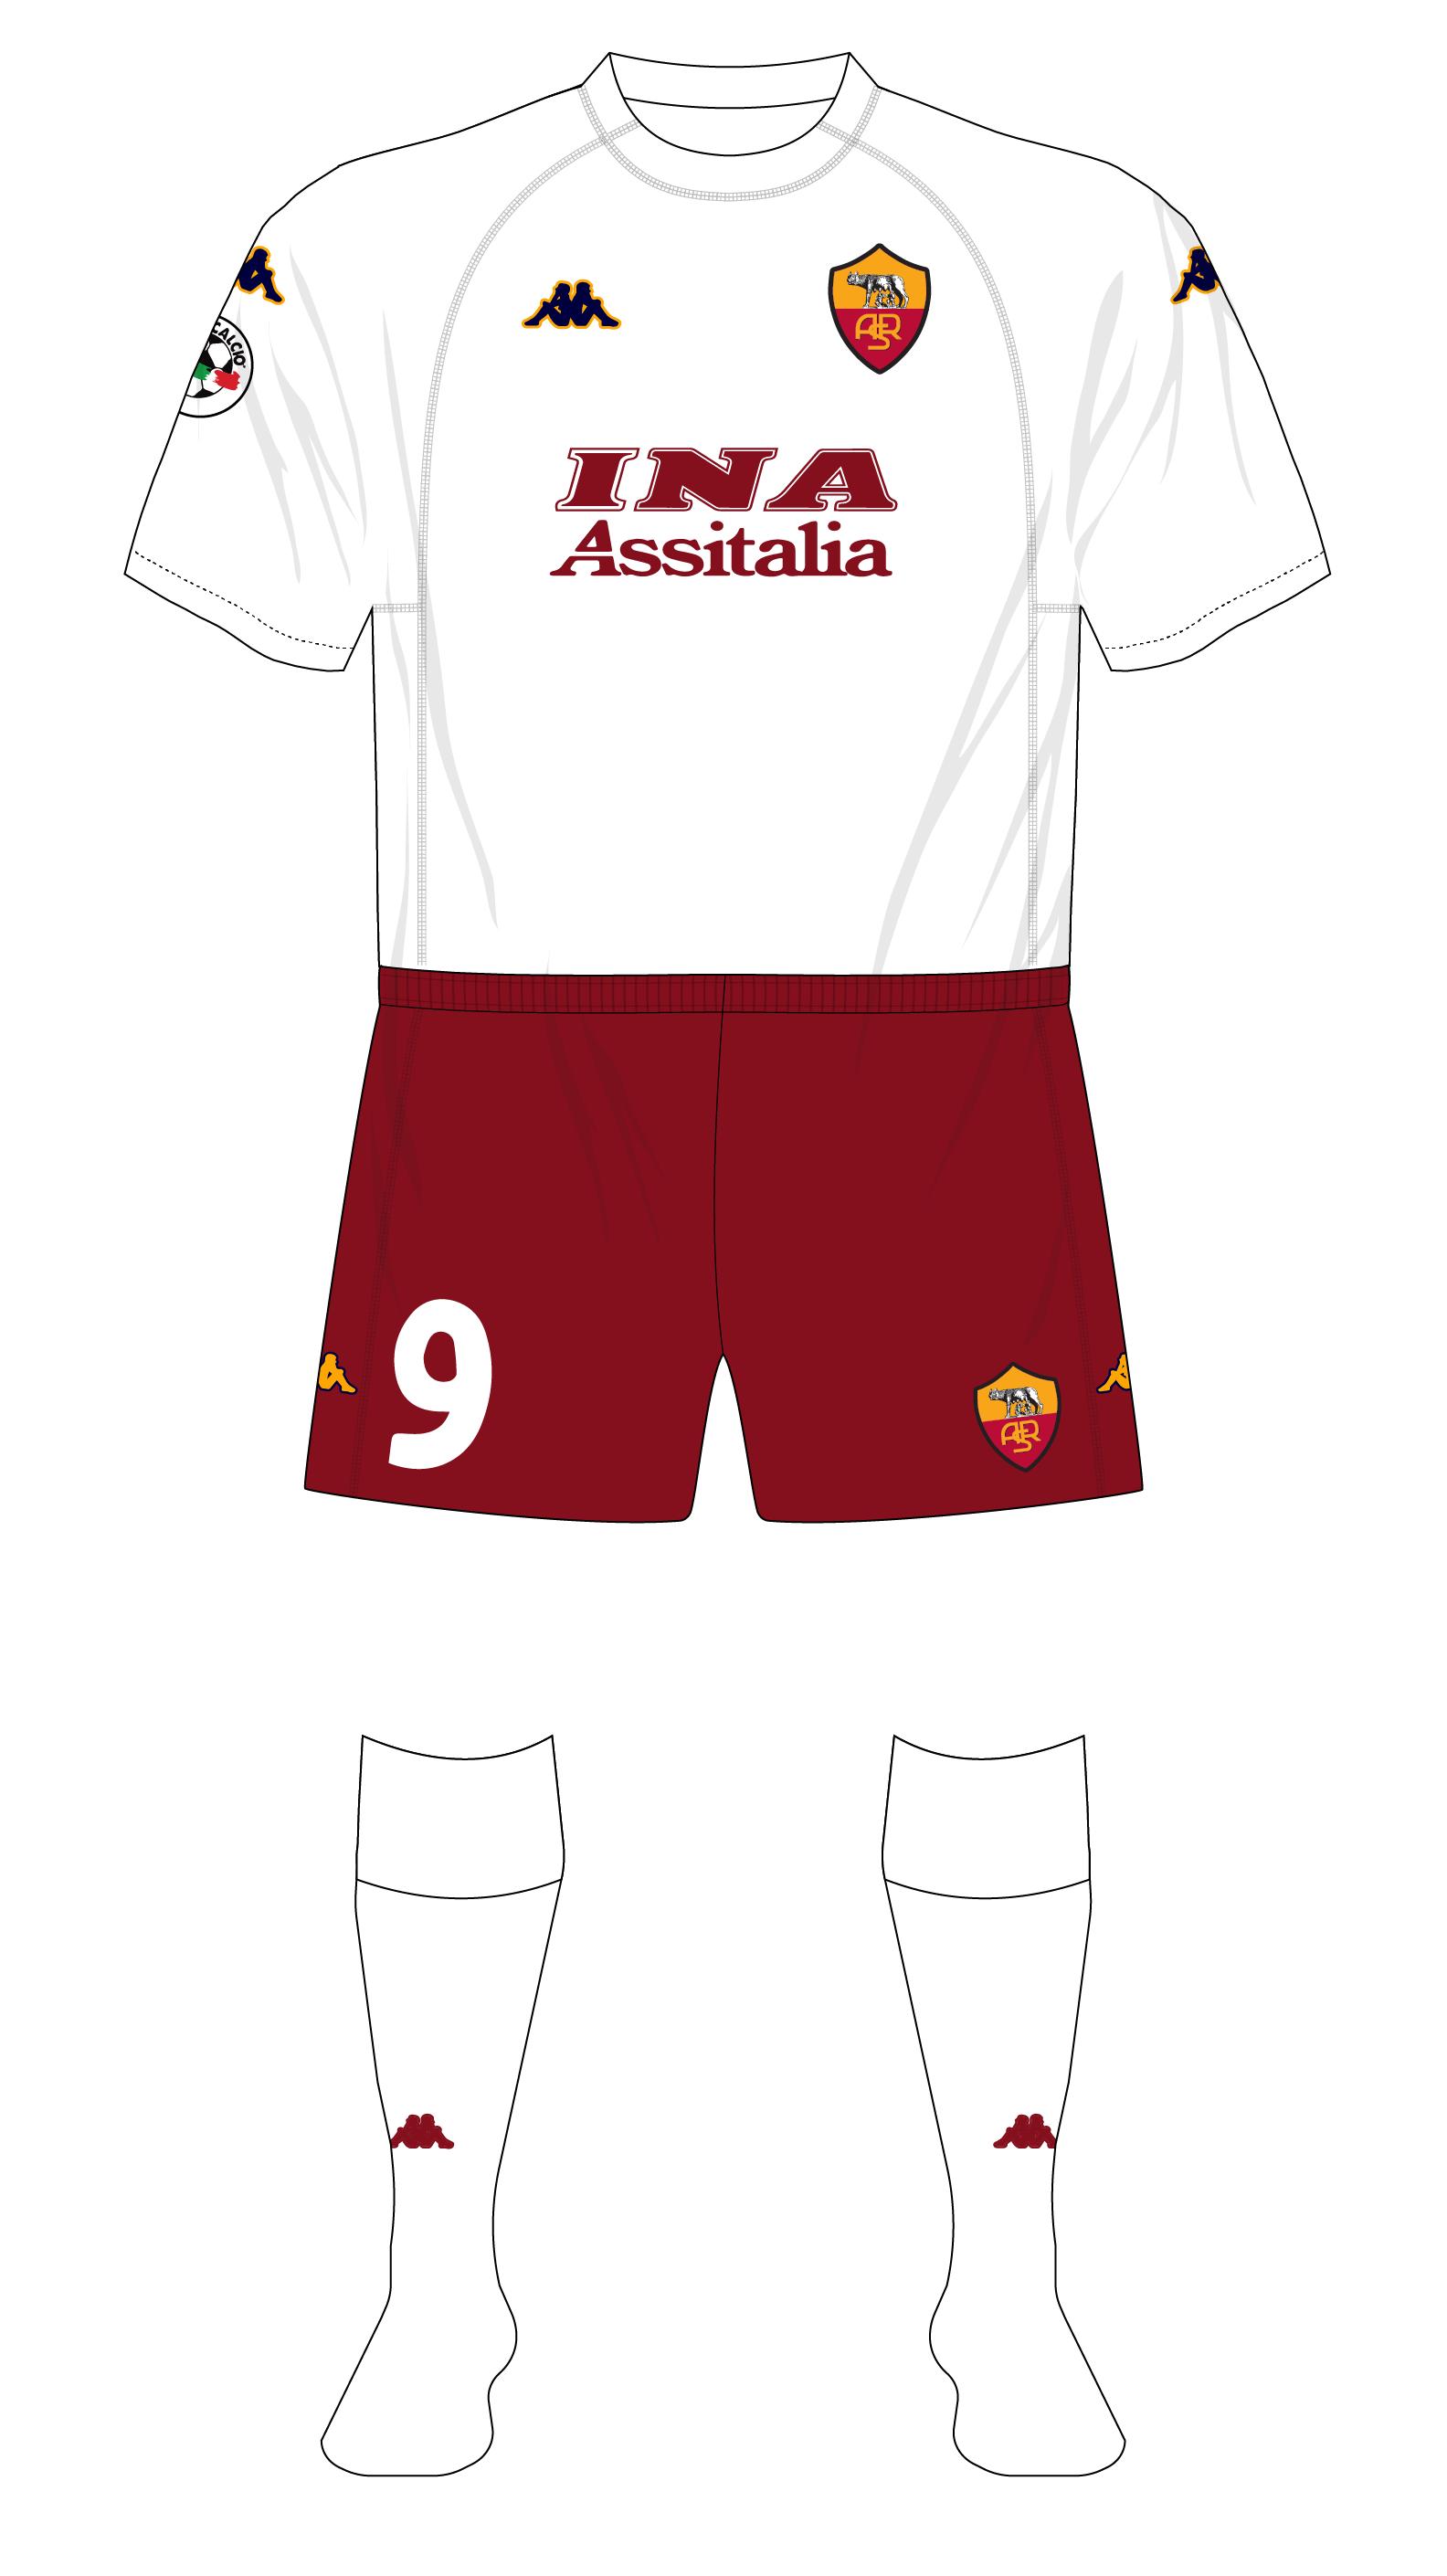 AS-Roma-2000-2001-away-maglia-Scudetto-01